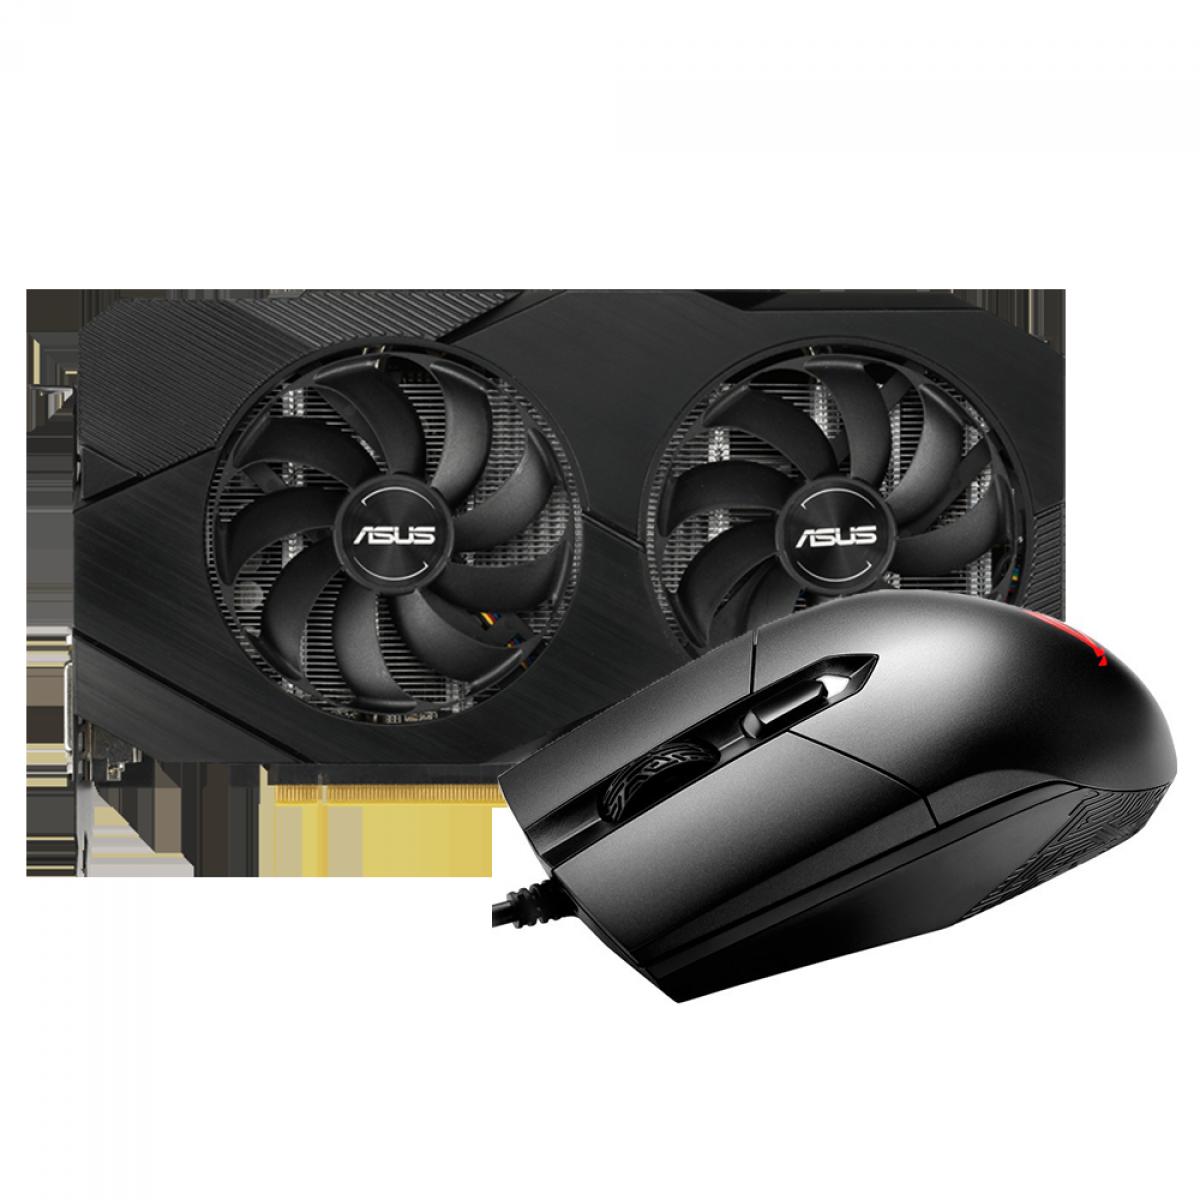 Kit Upgrade ASUS GeForce RTX 2060 OC EVO Dual + ASUS ROG Strix Impact P303